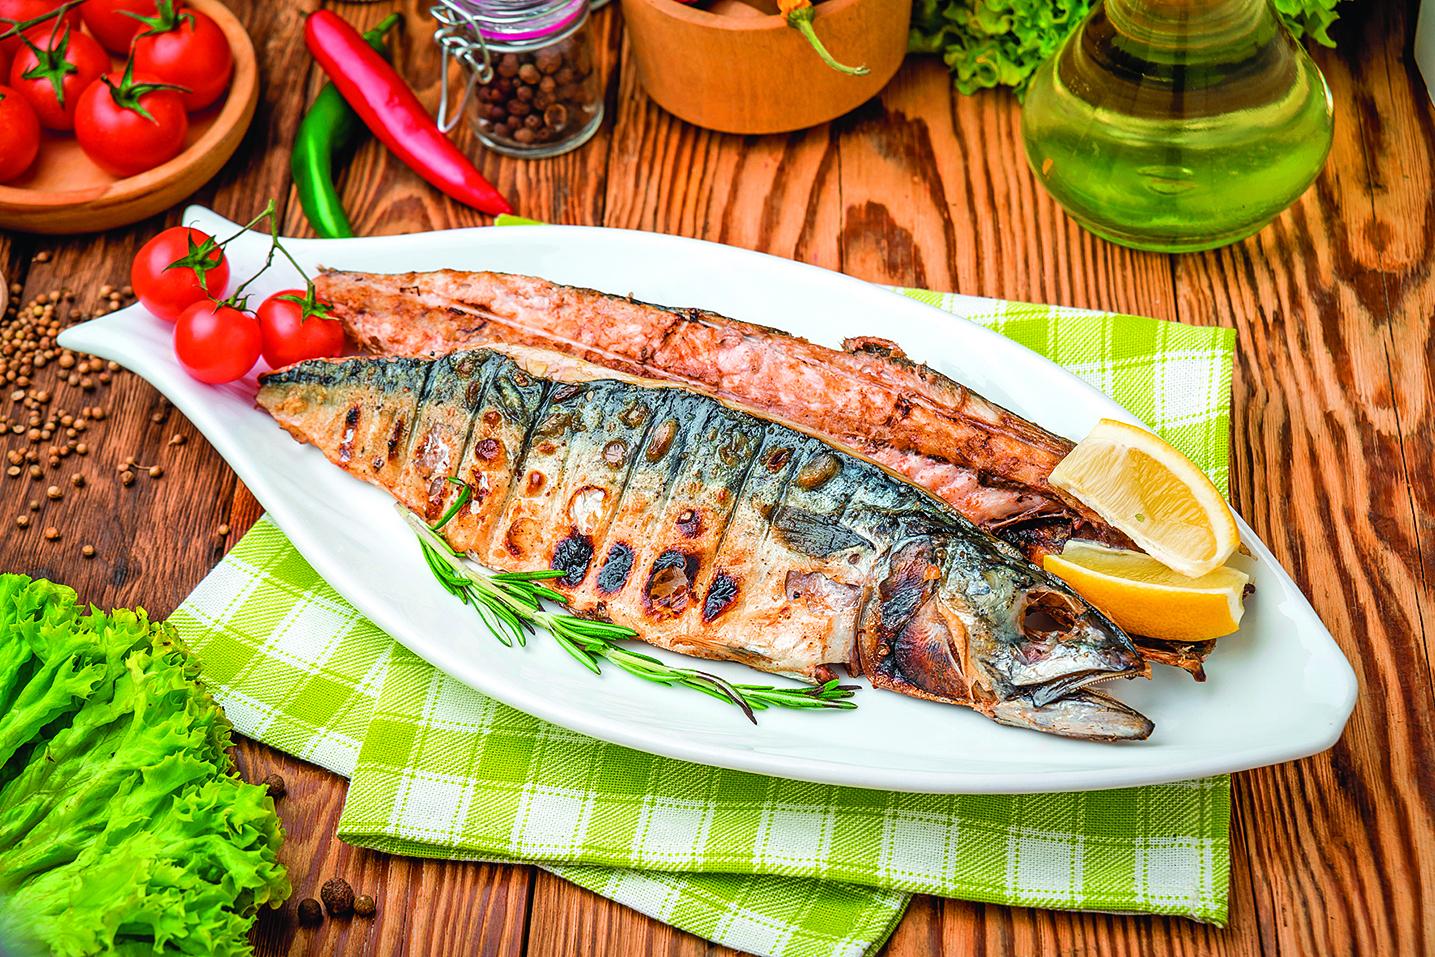 了解自己鍋子的狀態,才能煎出完美的魚。